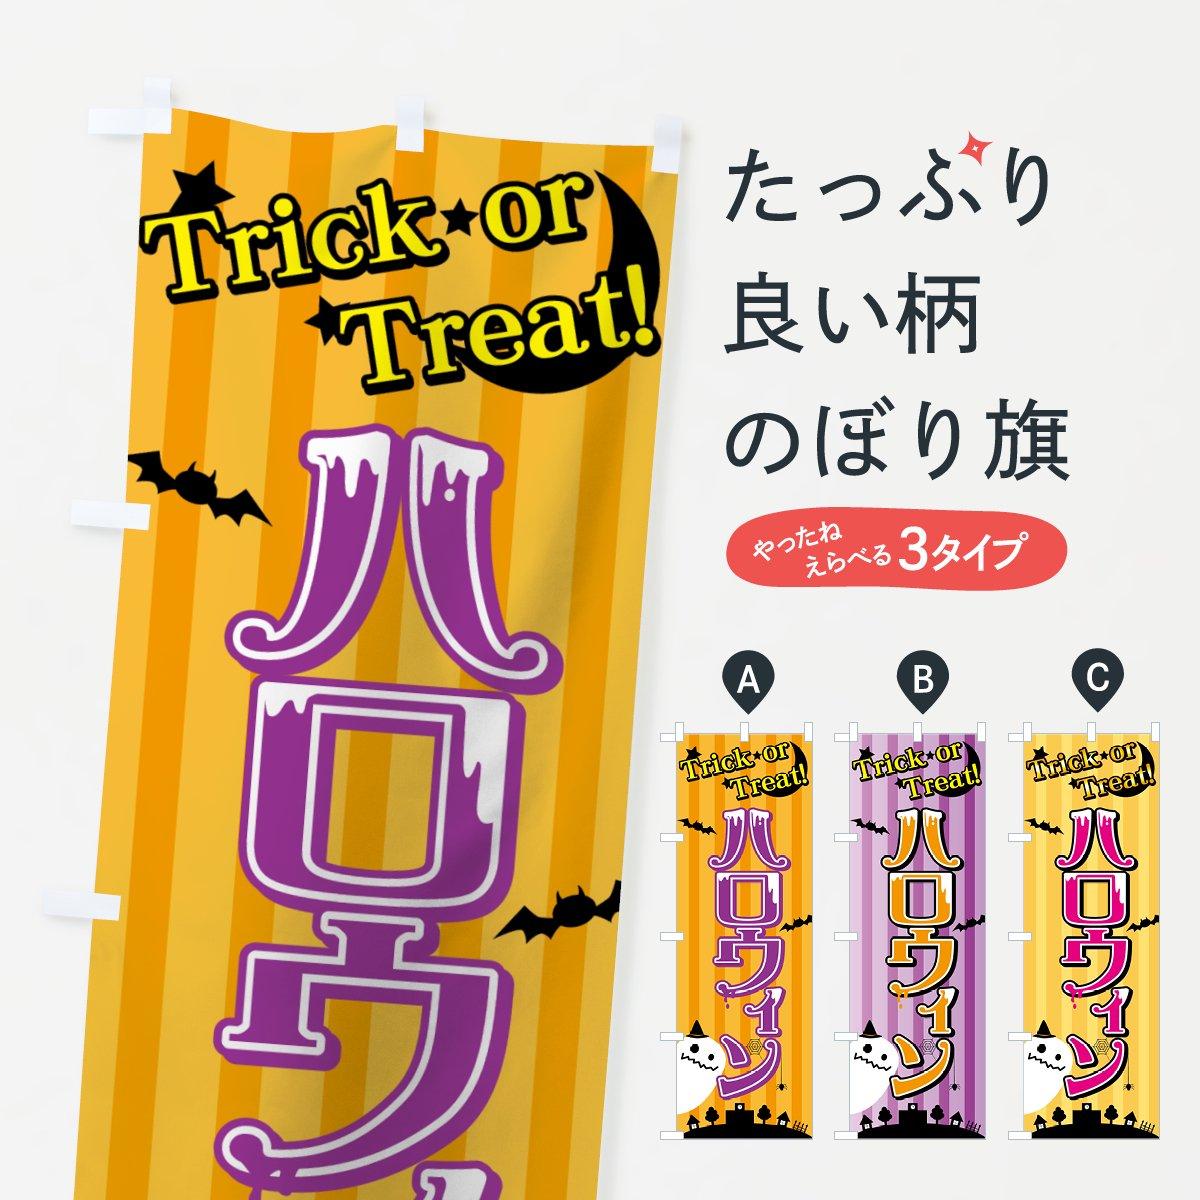 ハロウィンのぼり旗 Trick or Treat!